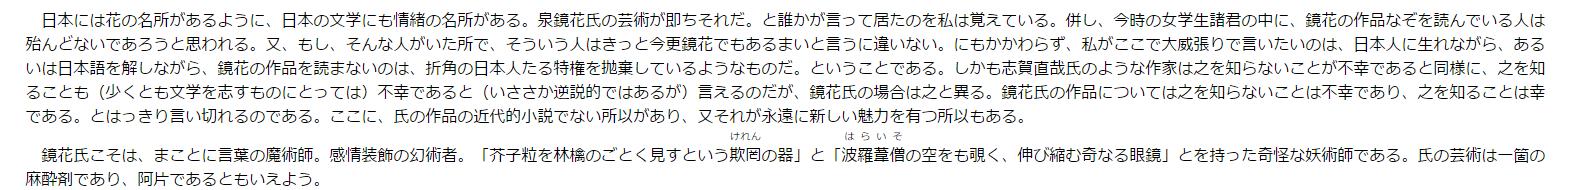 鏡花氏の文章